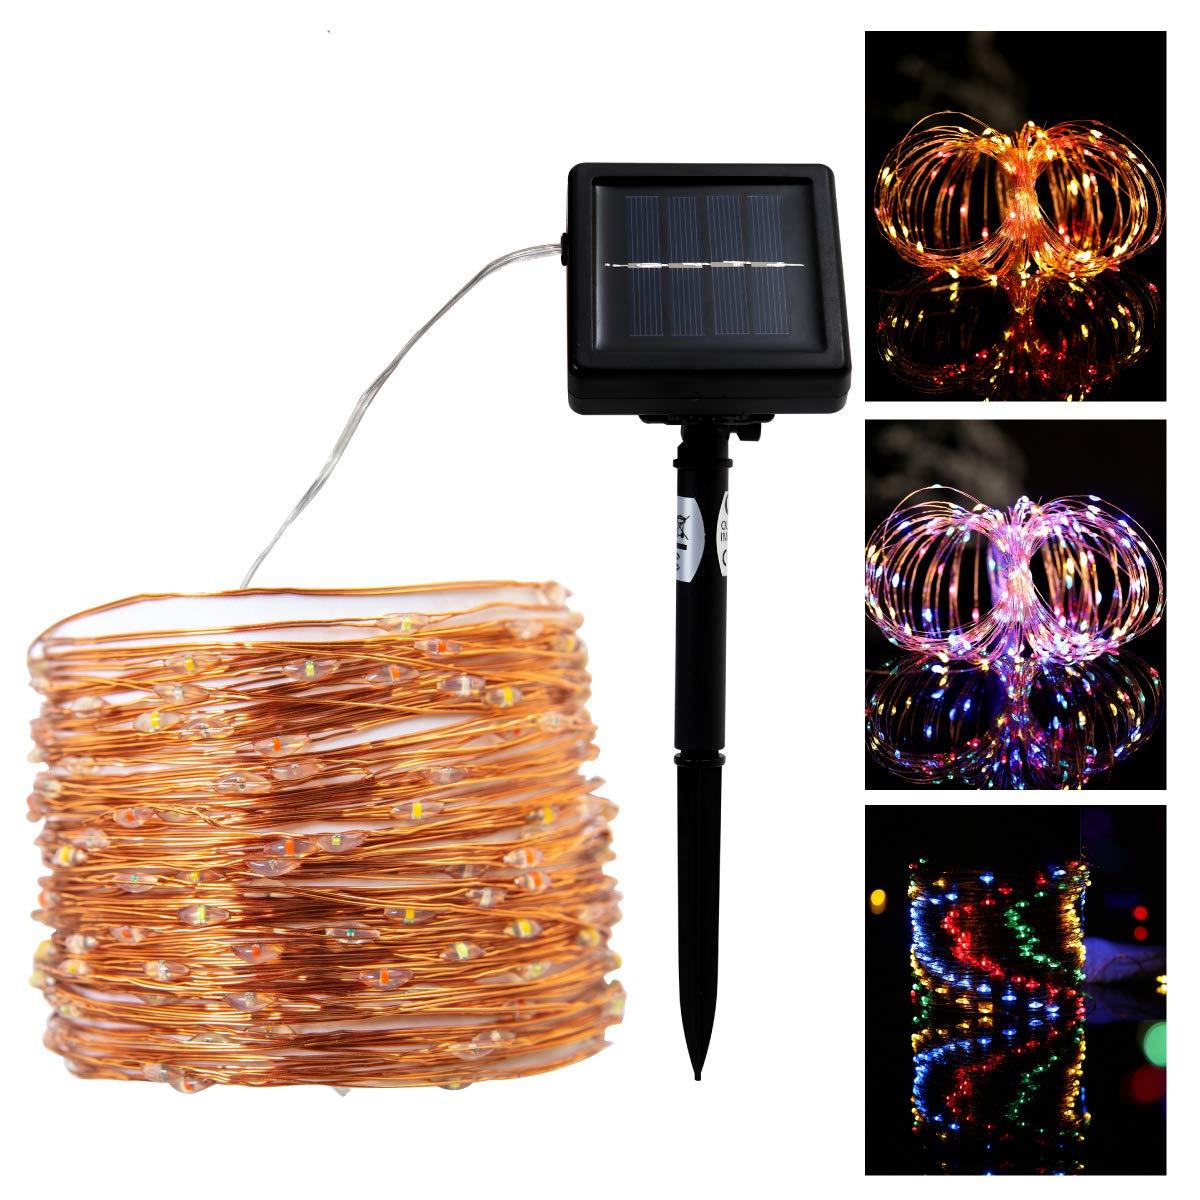 Solar LED Lichterkette 200 LEDs Deko Beleuchtung für Weihnachten, Party, Festen, 2 Leuchtmodi (RGB, 200 LEDs)